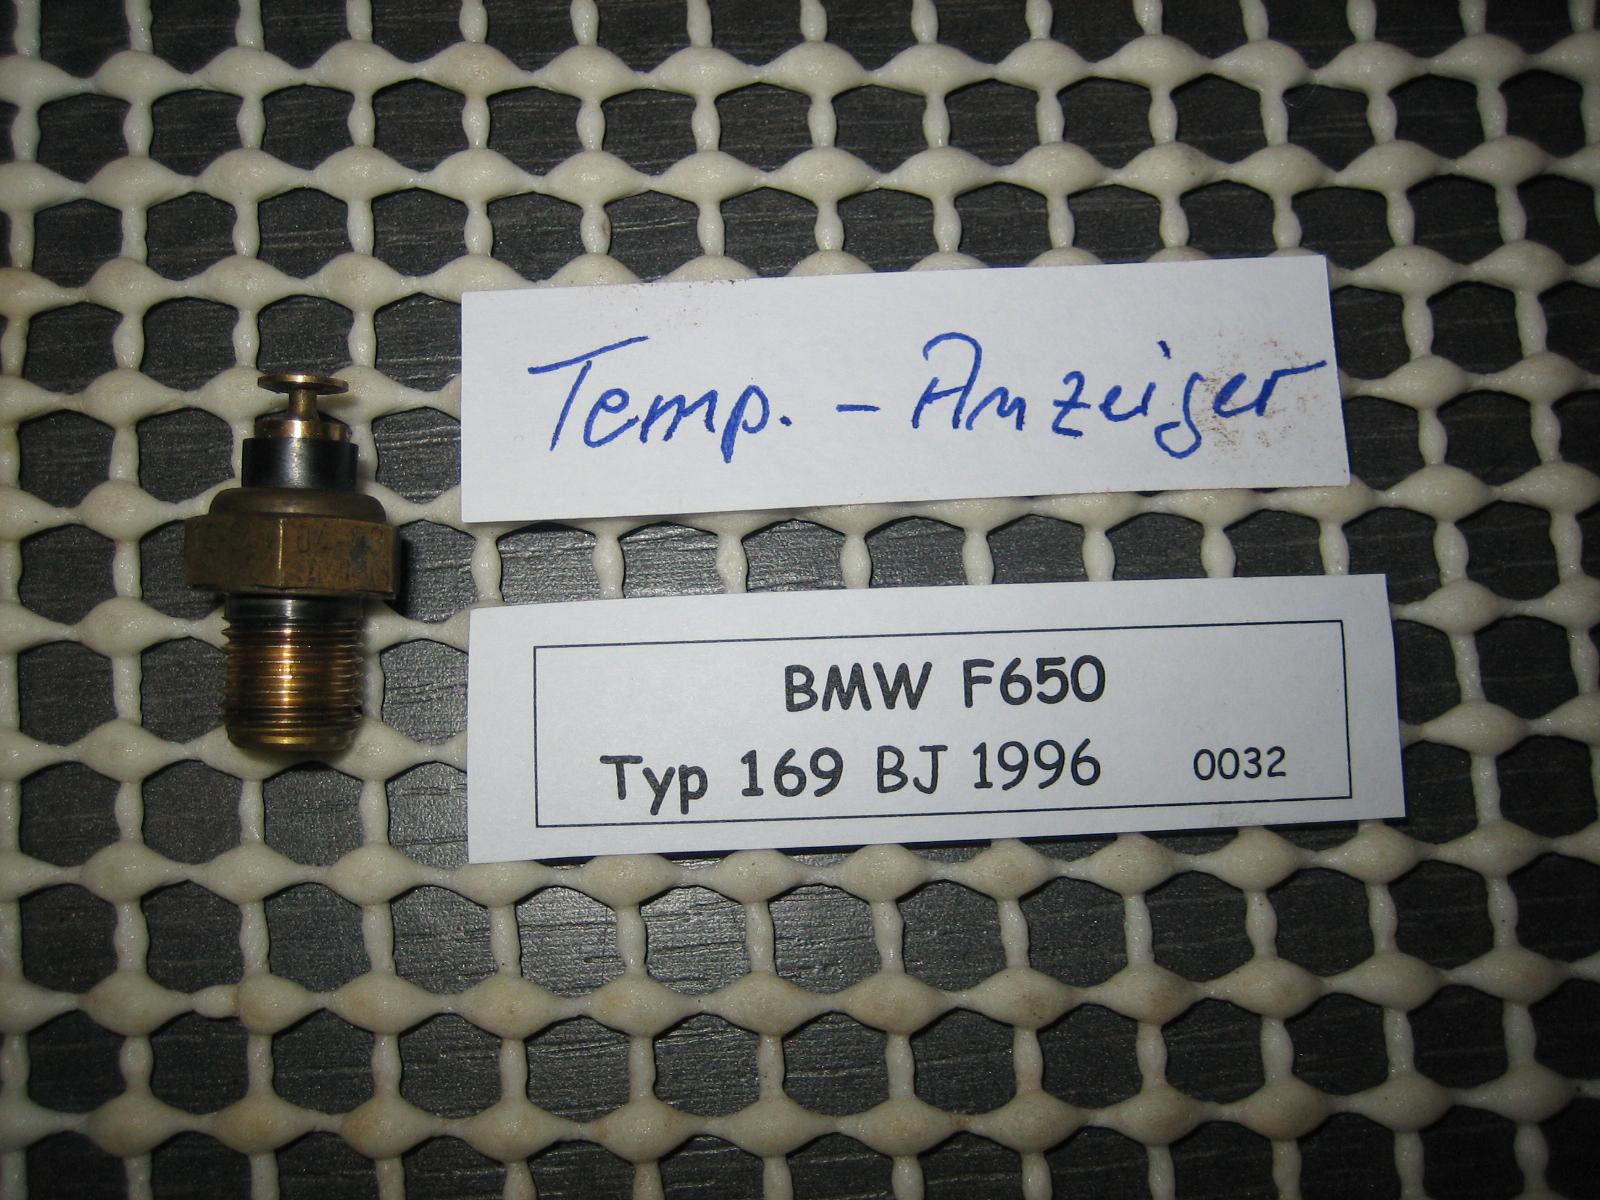 Tempe Honda Service >> BMW F 650 TYP 169 Temperaturanzeige | MotorradTeile Berndorf